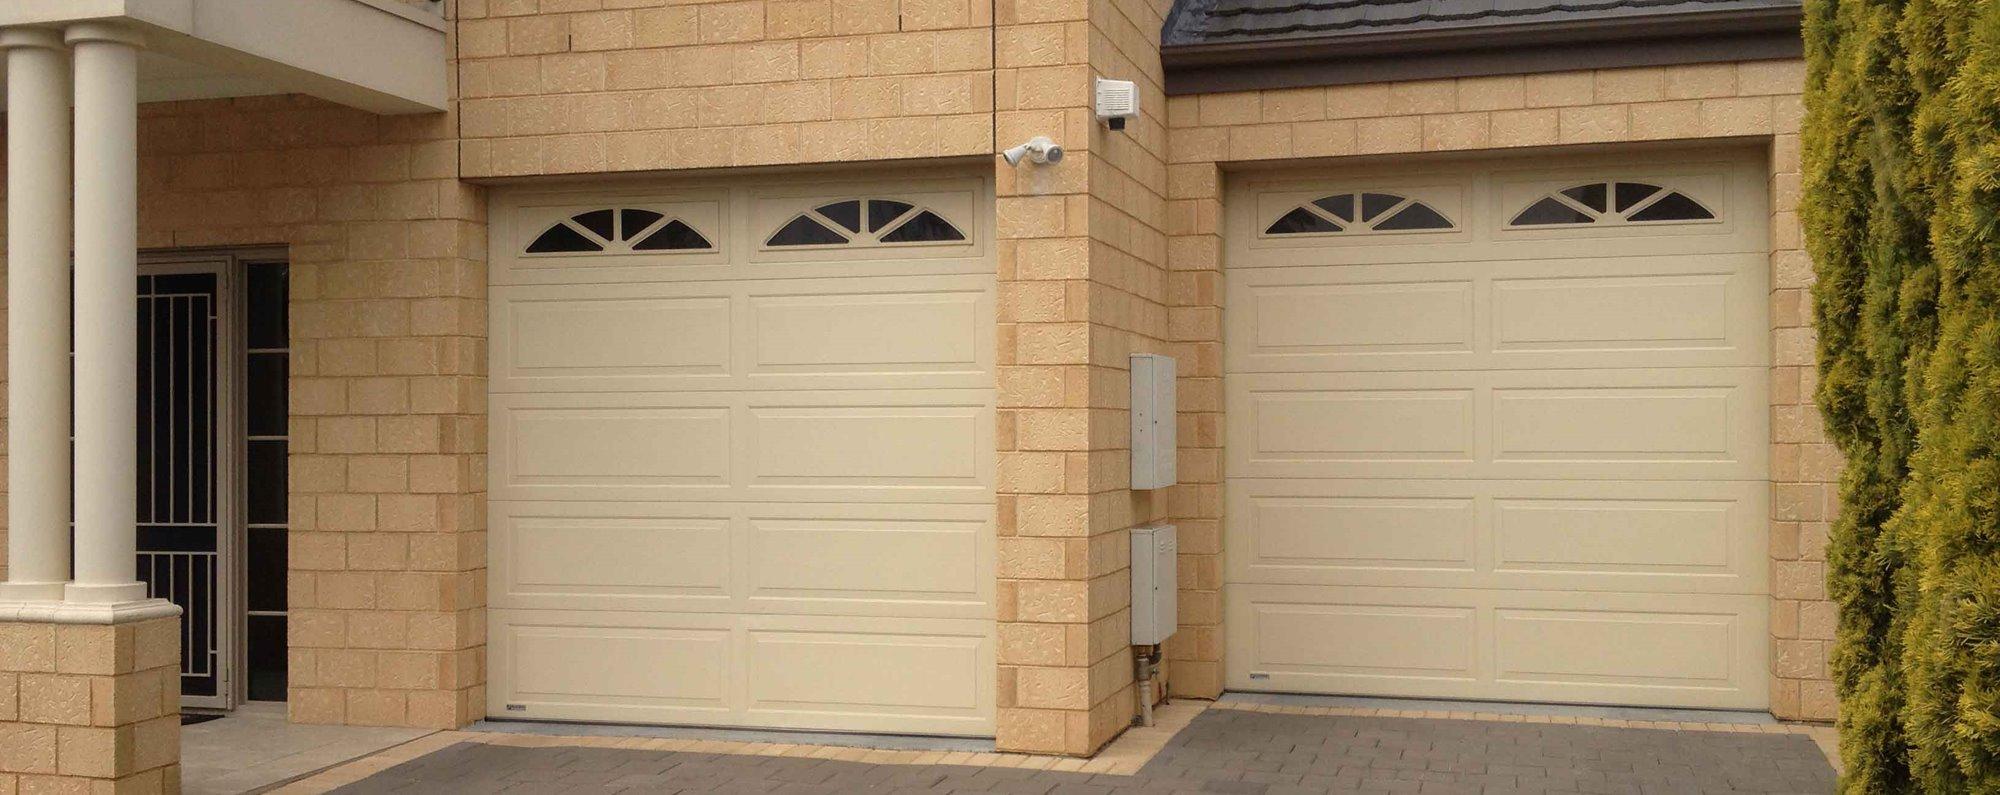 Homepage - Into Garage Doors on 24' Garage Door  id=44471